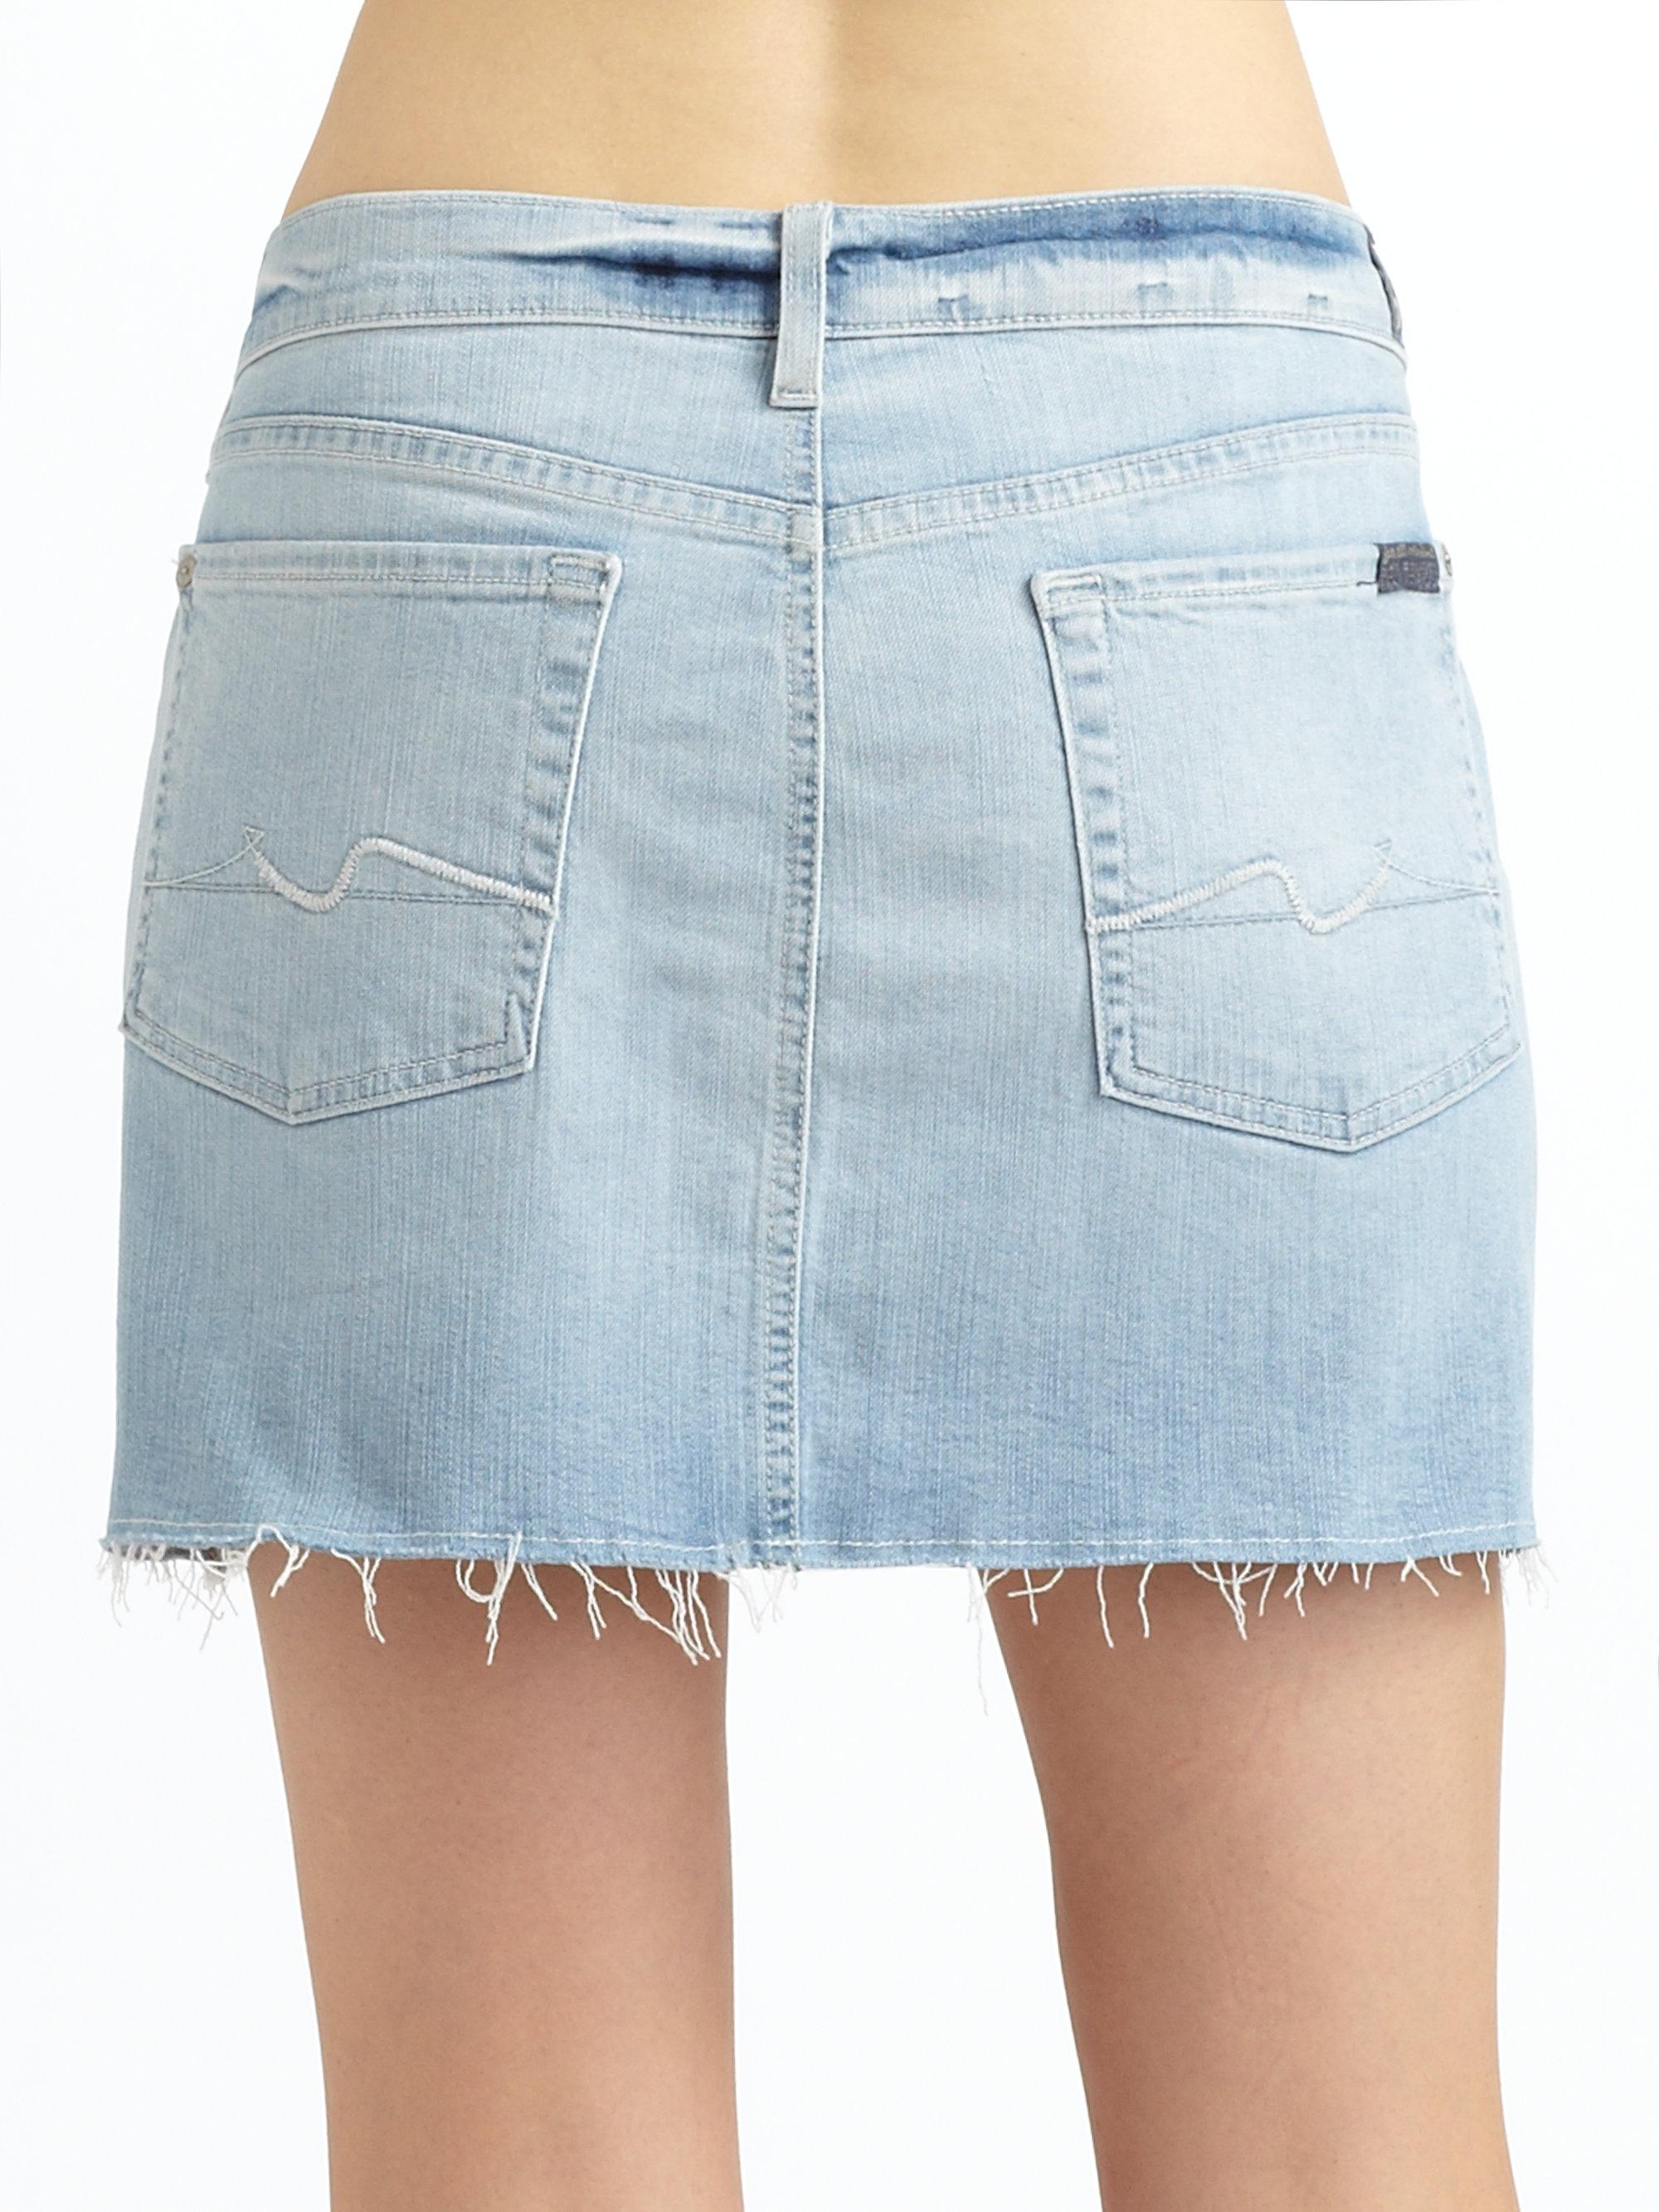 7 for all mankind Denim Cutoff Skirt in Blue | Lyst